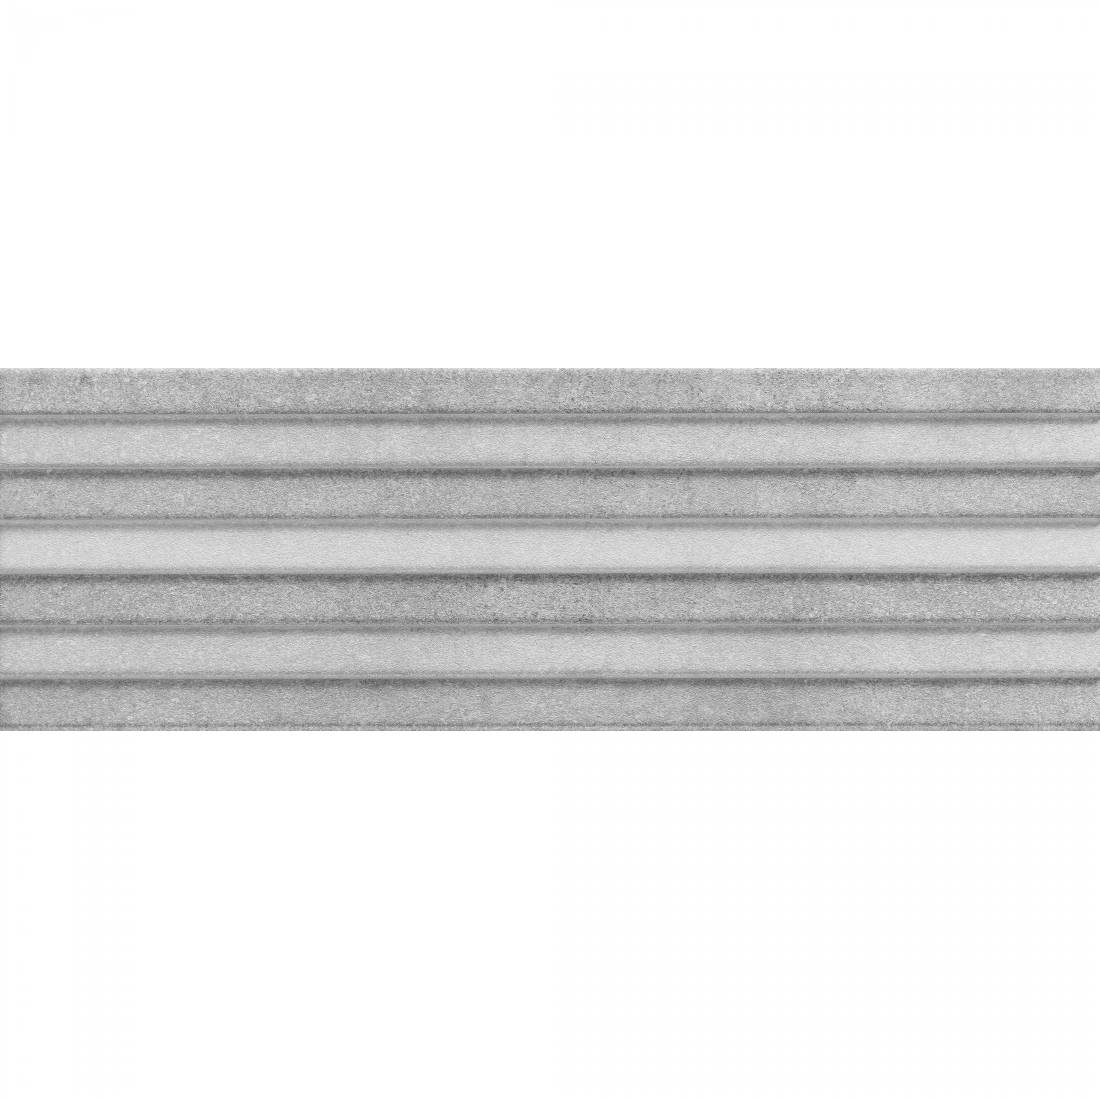 Judith Lamas Decor 20x60 Gris 1